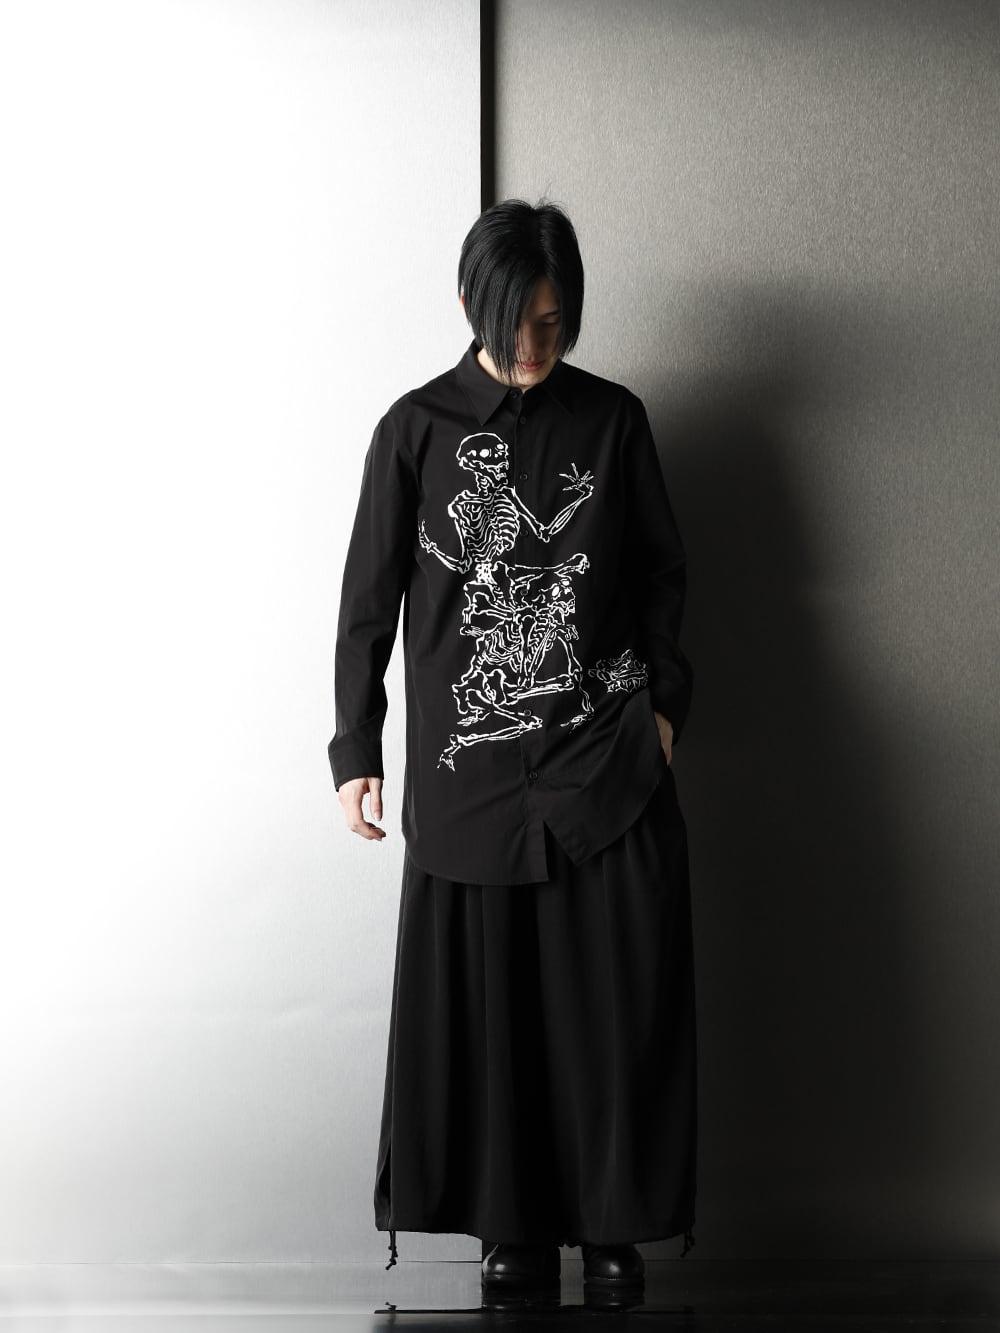 Ground Y x Kyosai Kawanabe Collaboration Shirt Styling - 3-001